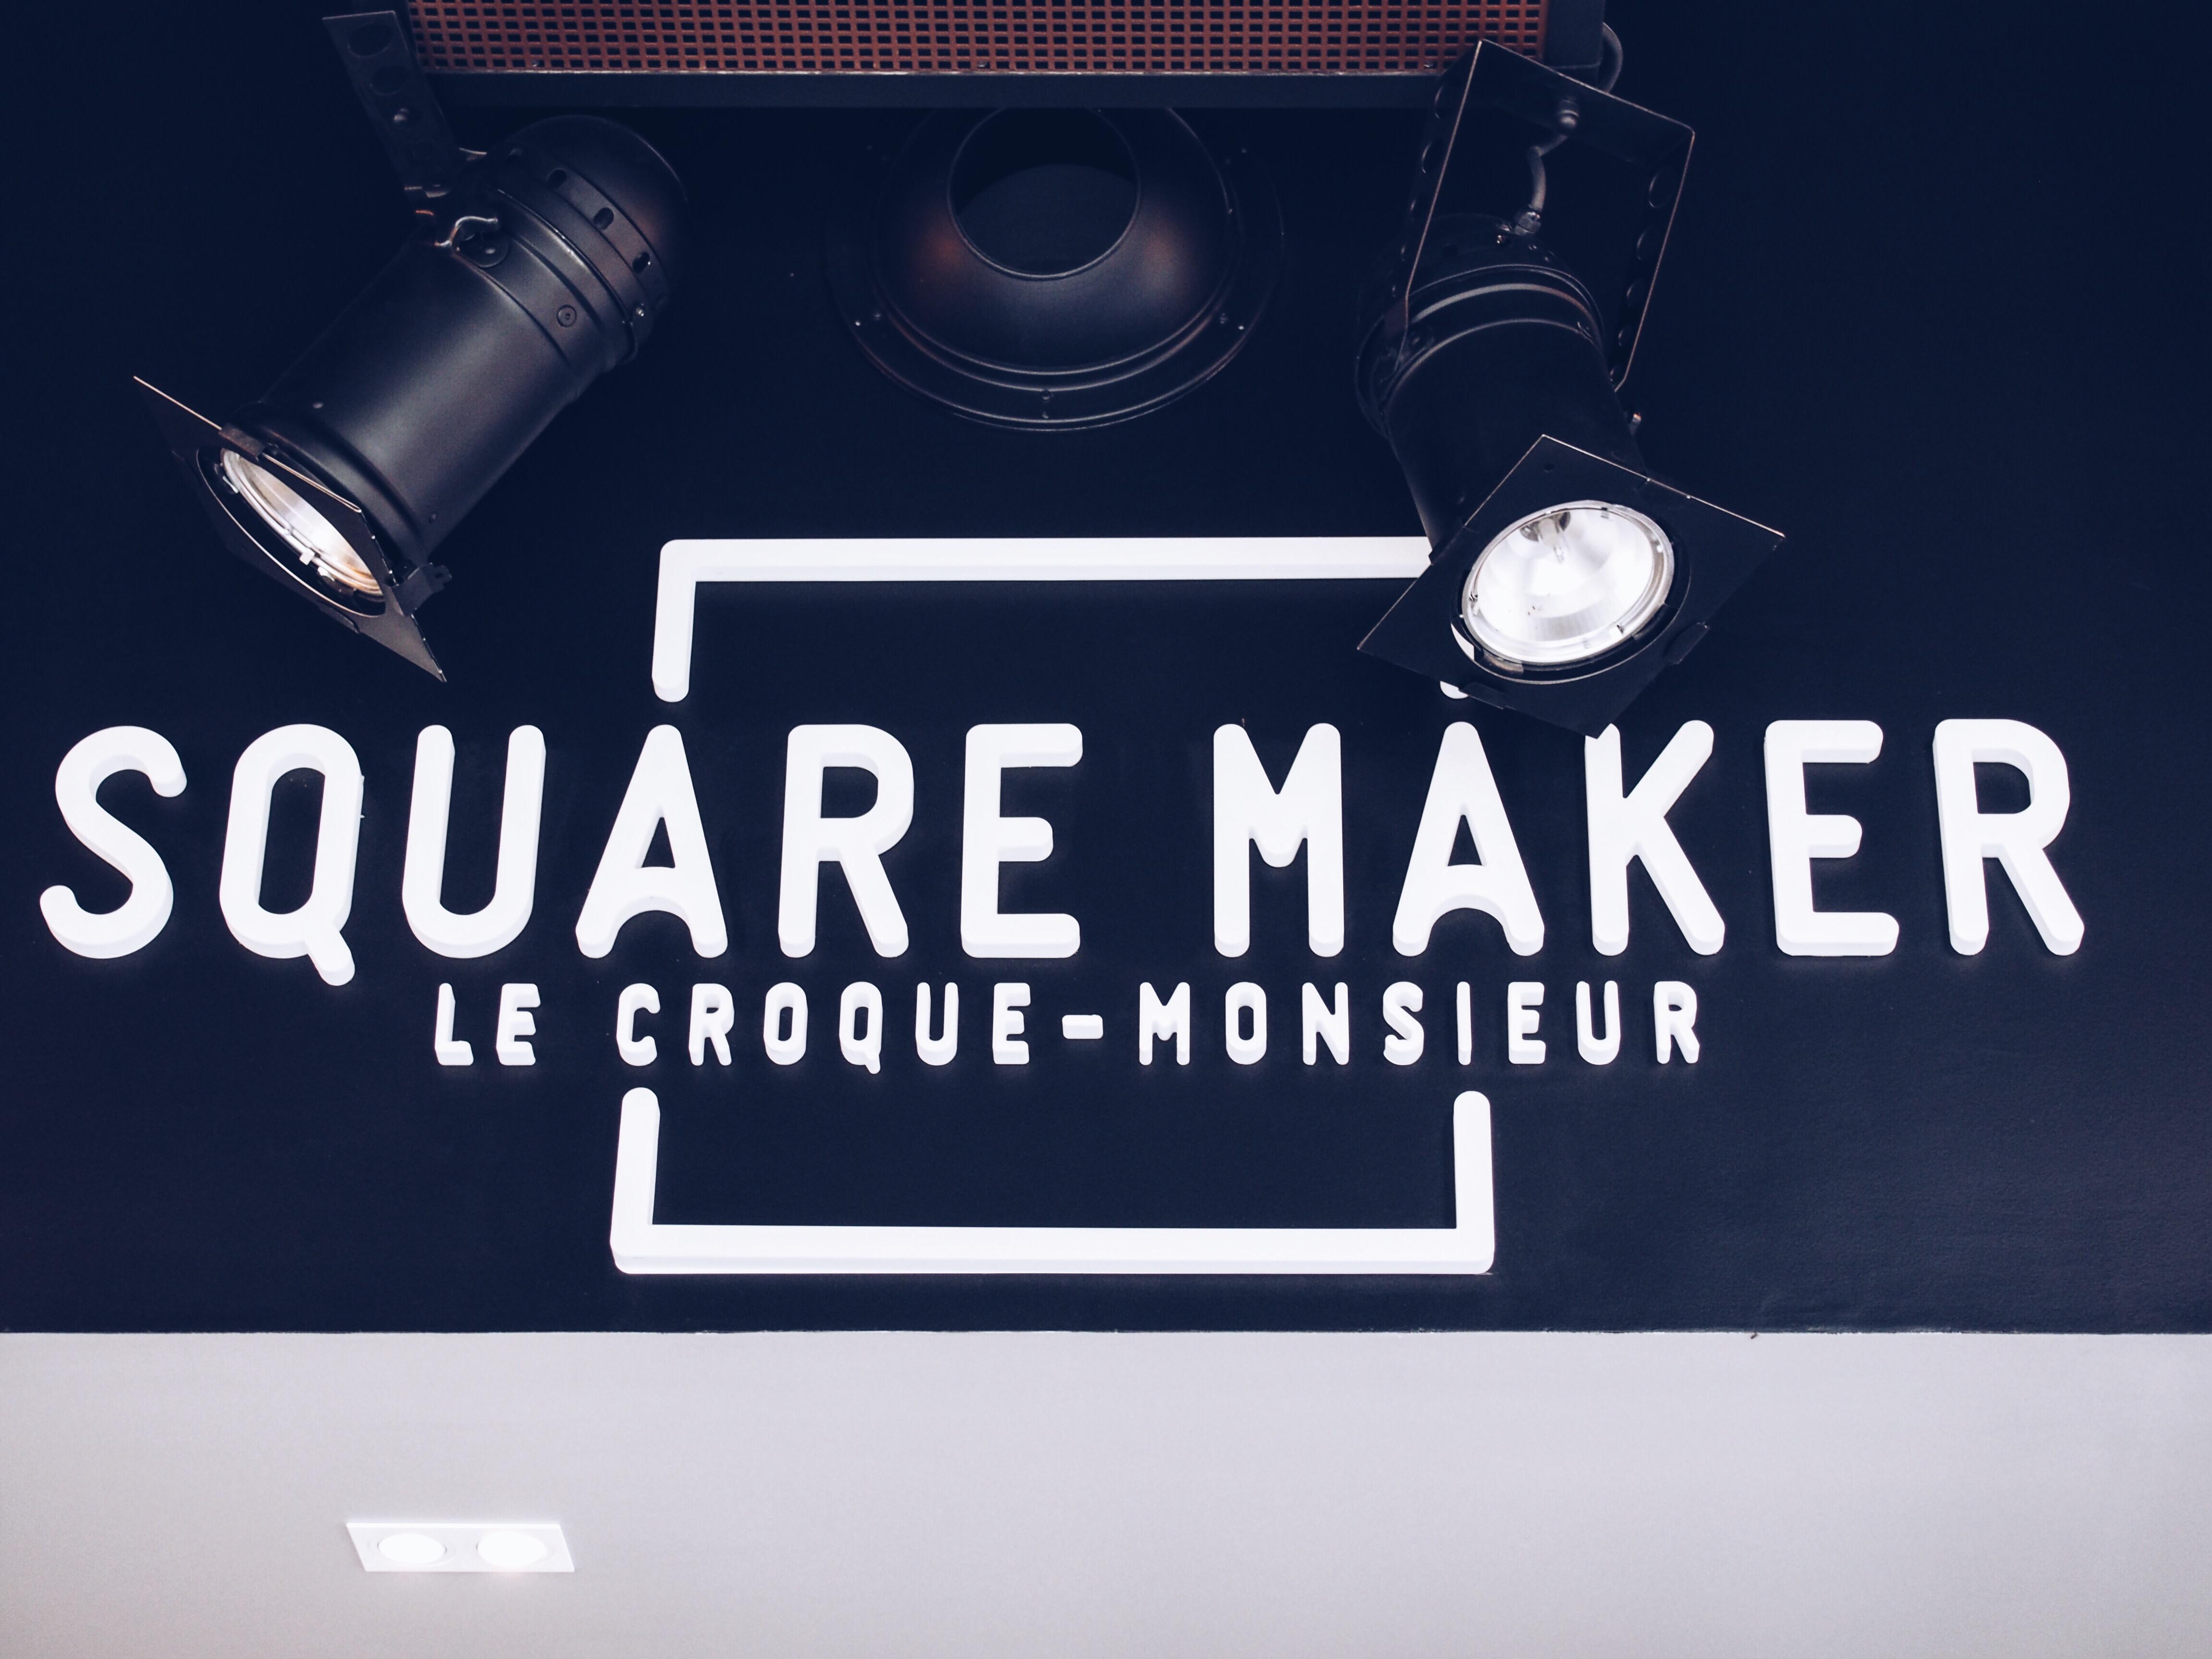 SquareMaker, les spécialistes du croque-monsieur à l'Avenue 83